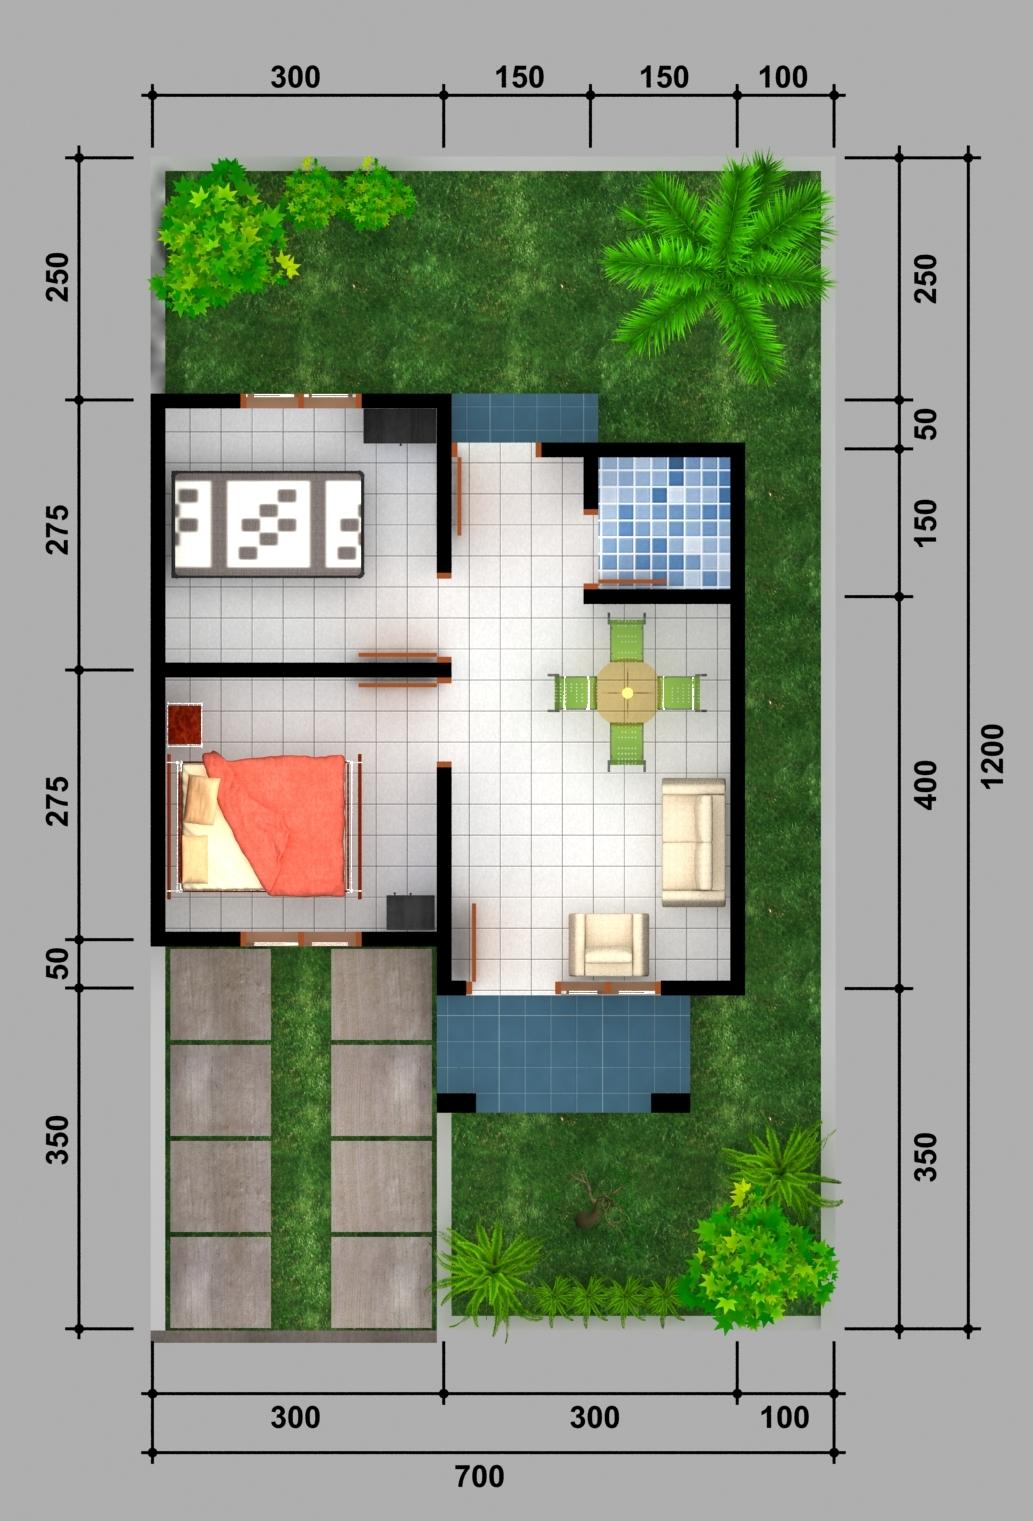 Gambar Denah Rumah Type 21 - Rumah Minimalis